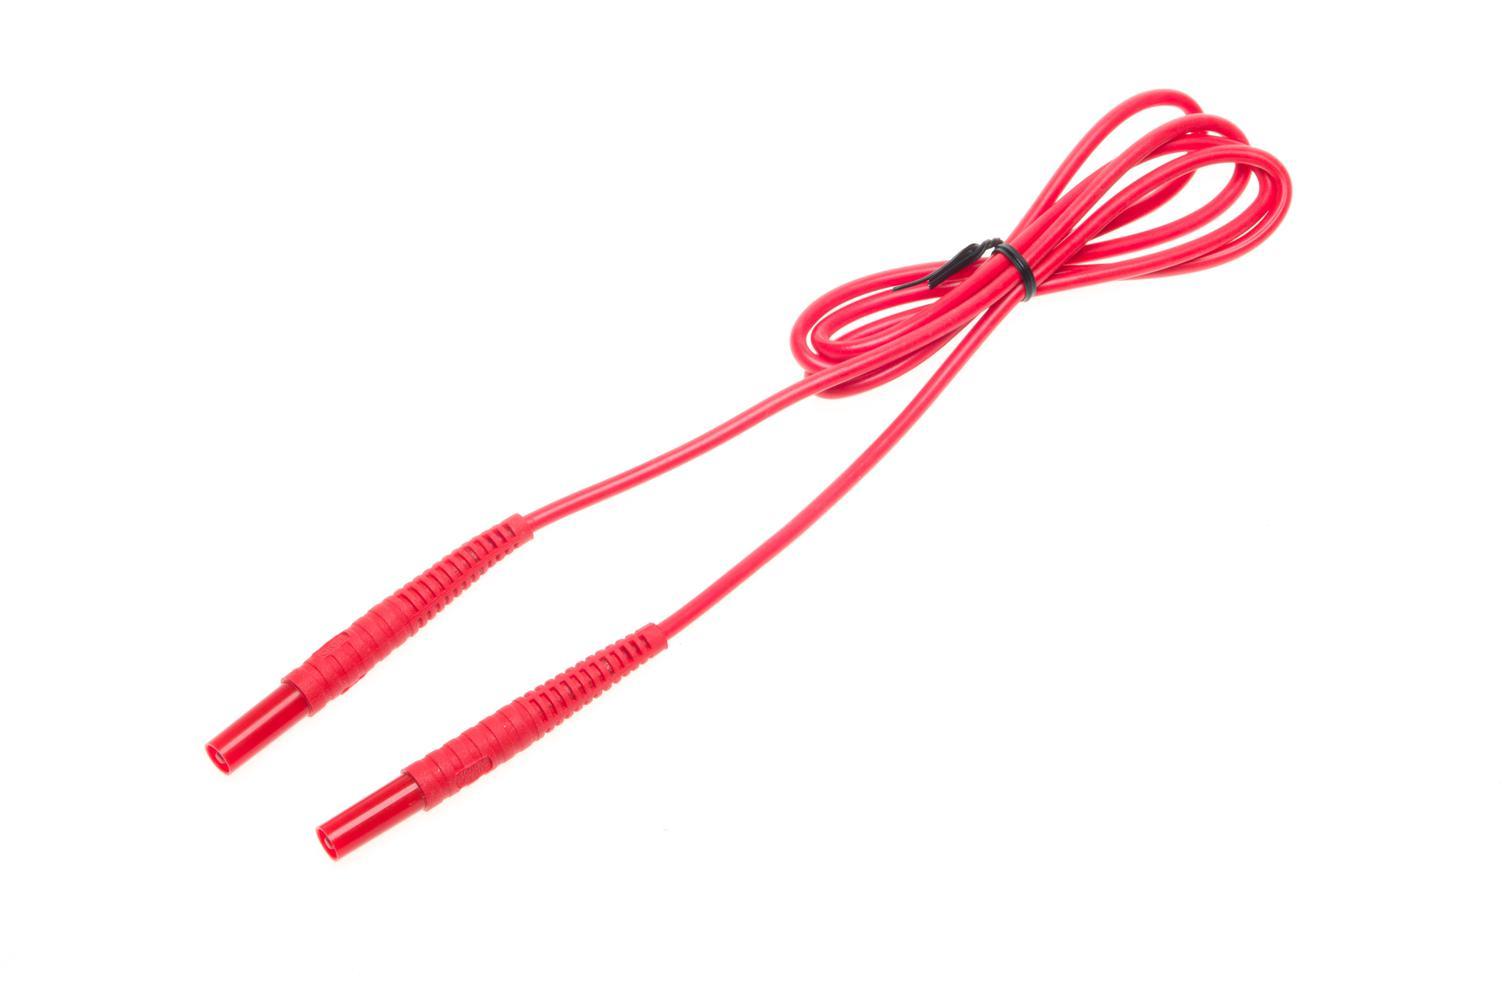 Przewód 1,2m czerwony 1 kV (wtyki bananowe)